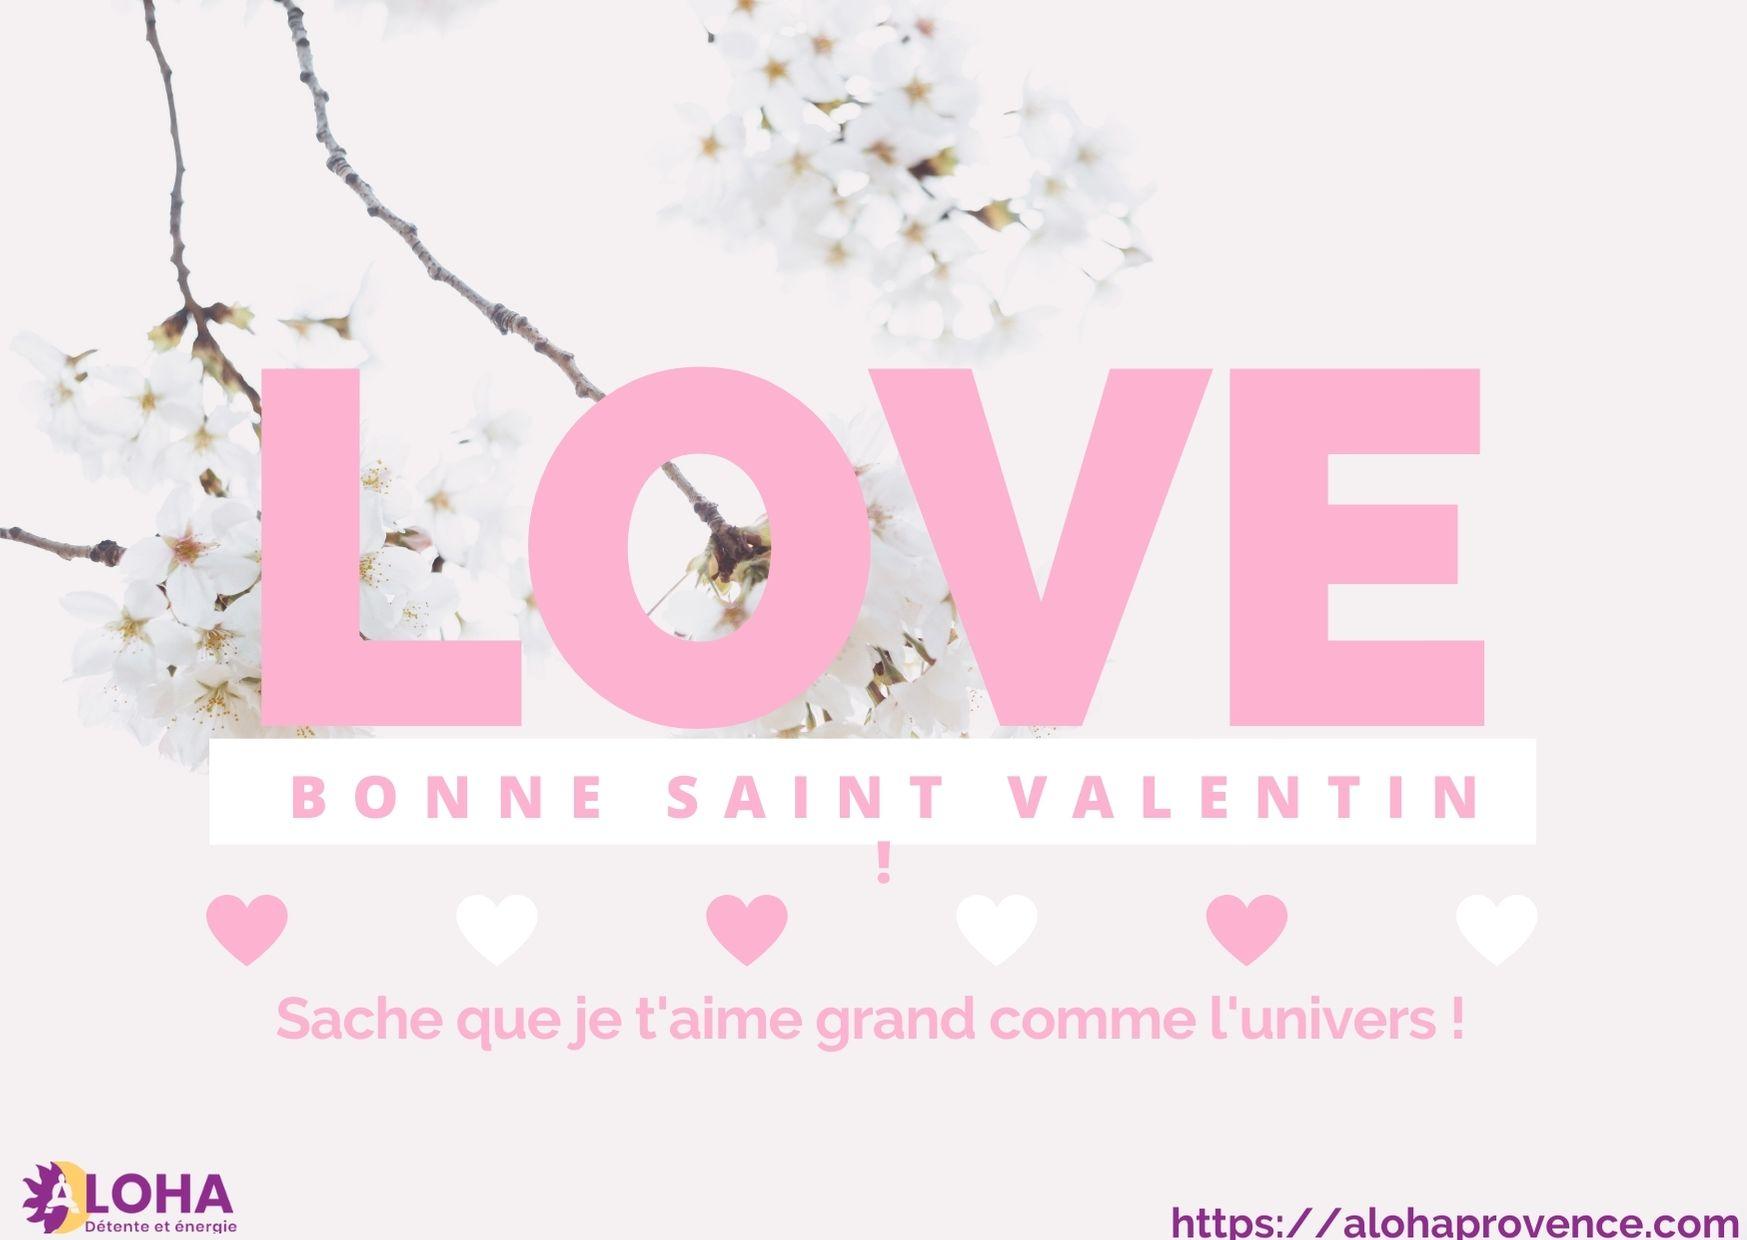 Offrez une carte cadeau d'Aloha Provence pour la personne chère à votre coeur.